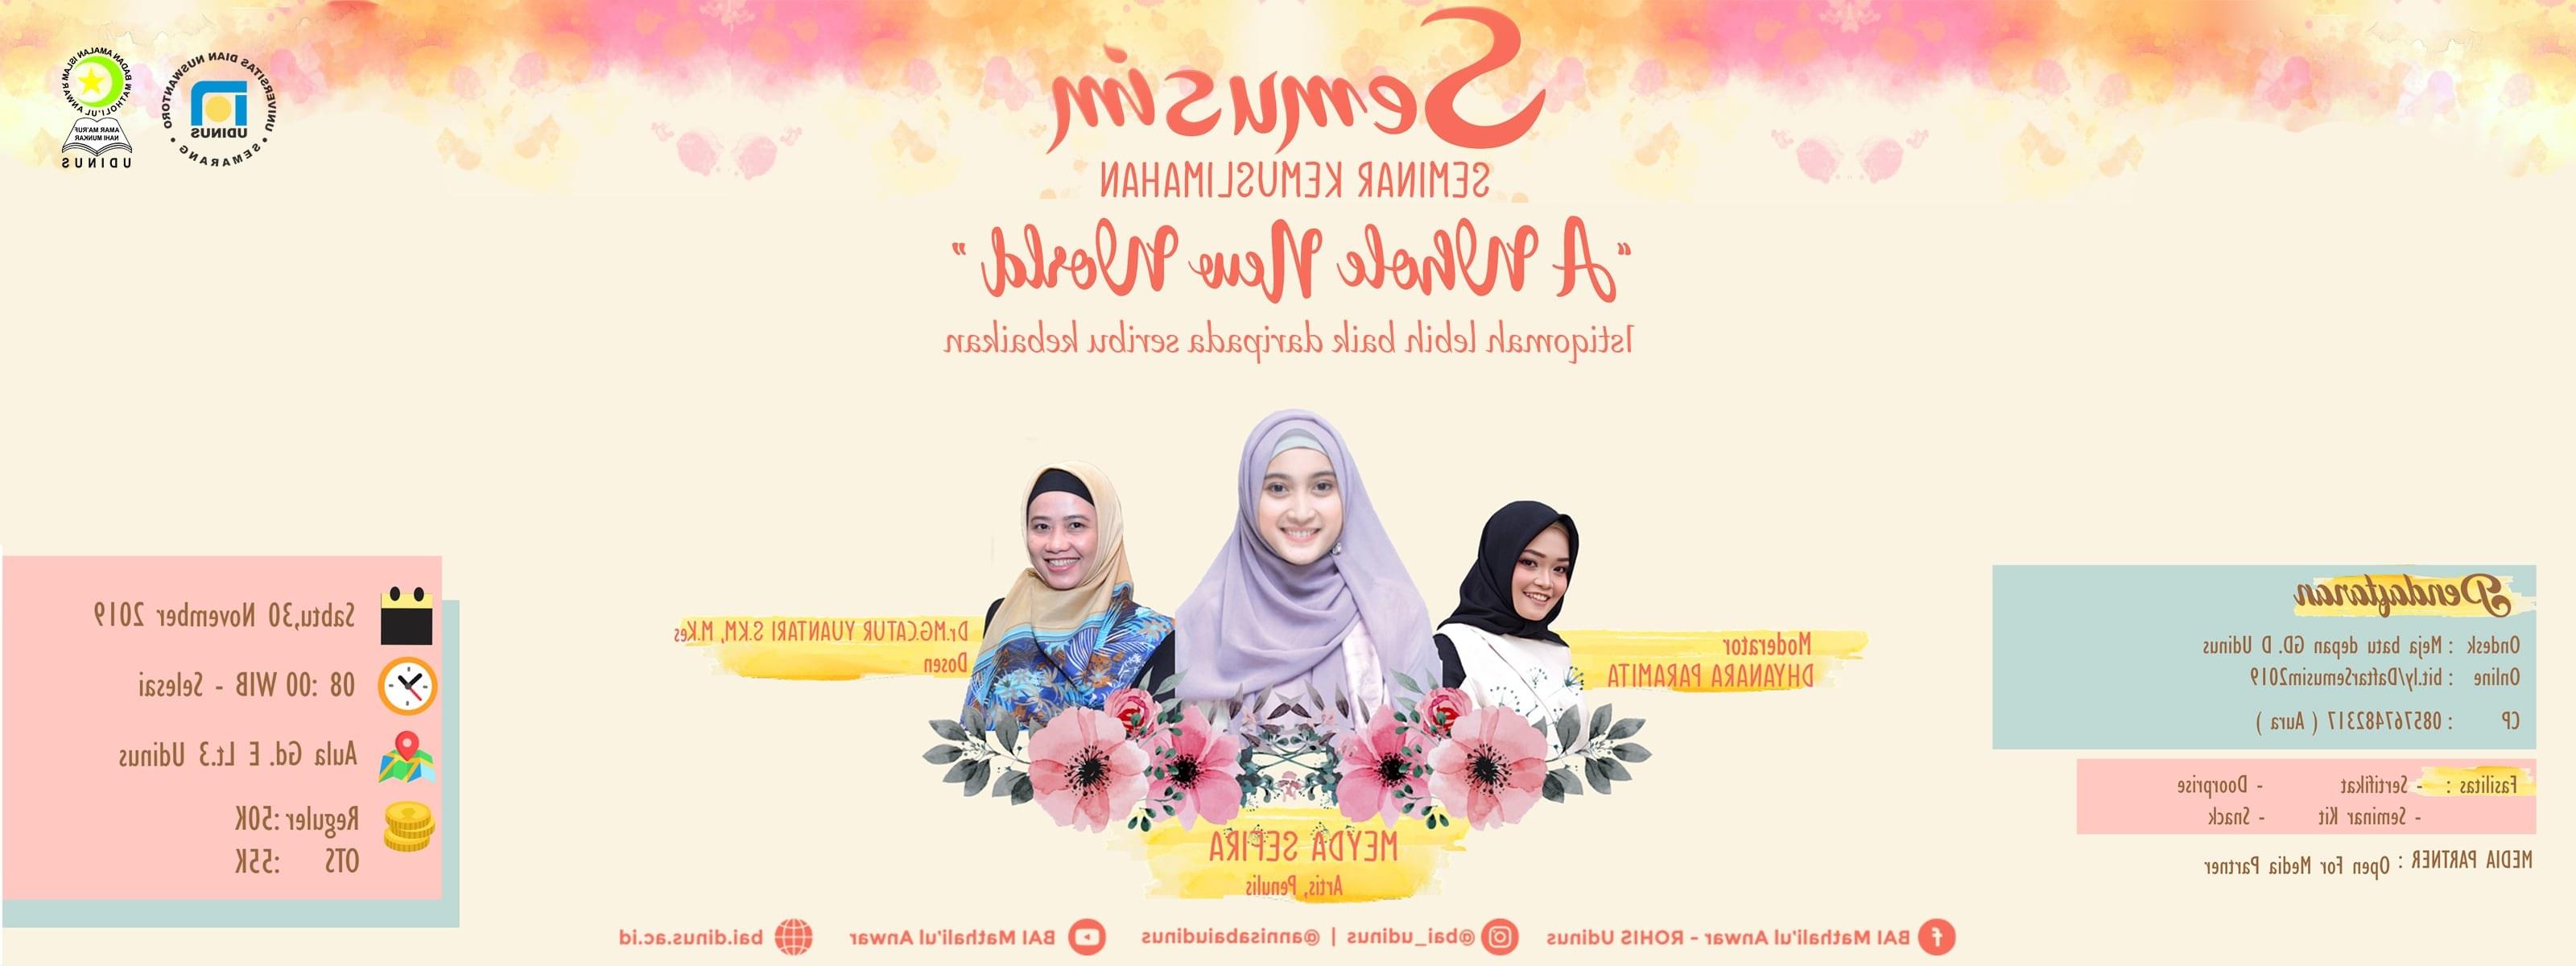 Ide Baju Pengantin Jawa Muslim Qwdq Universitas Dian Nuswantoro [udinus]